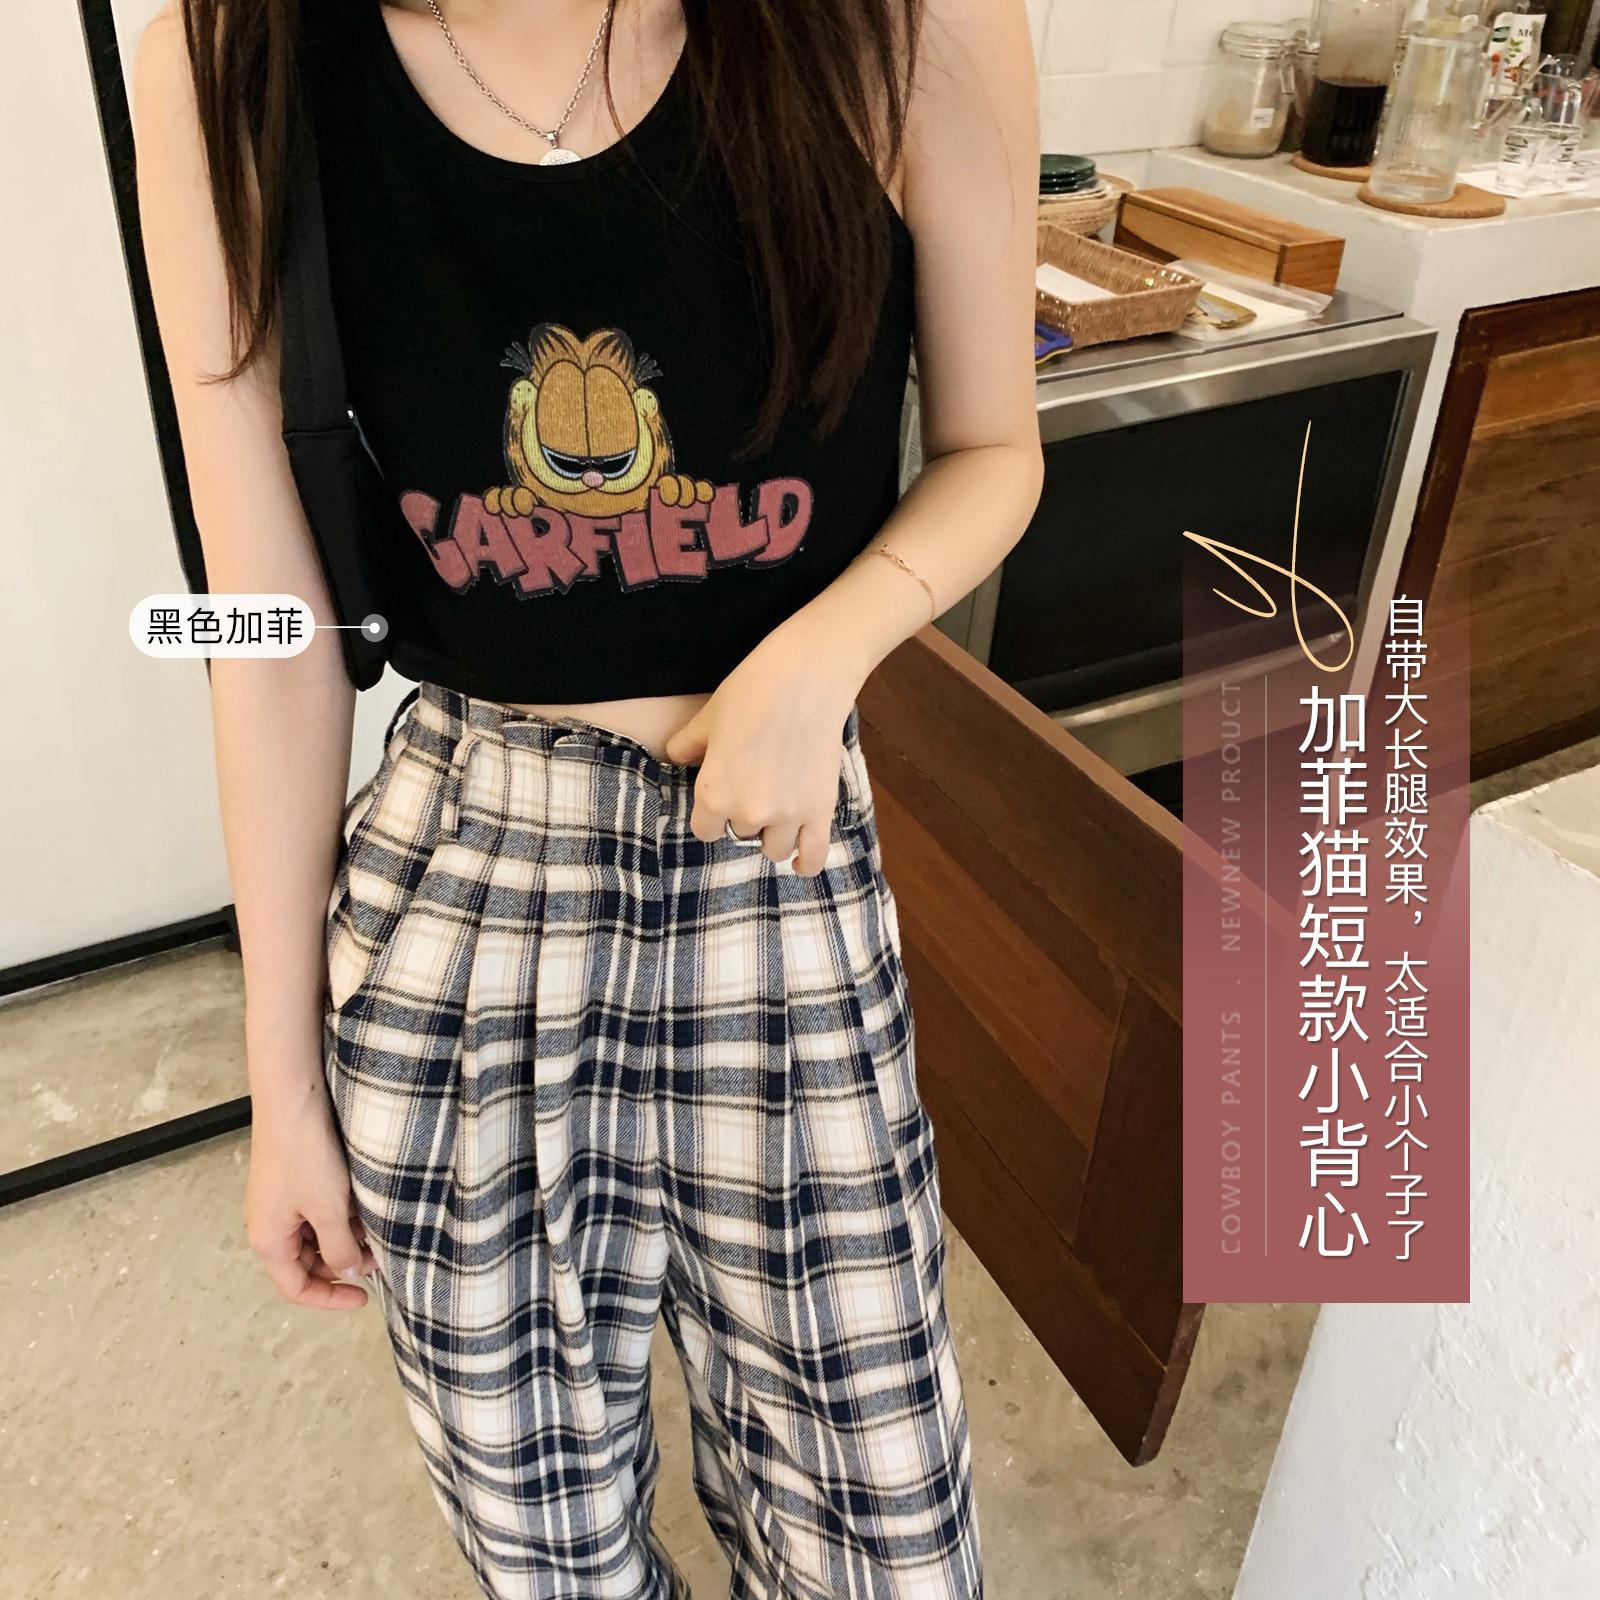 官图40支纯棉加菲猫系列可以露出小蛮腰短款小吊带背心女